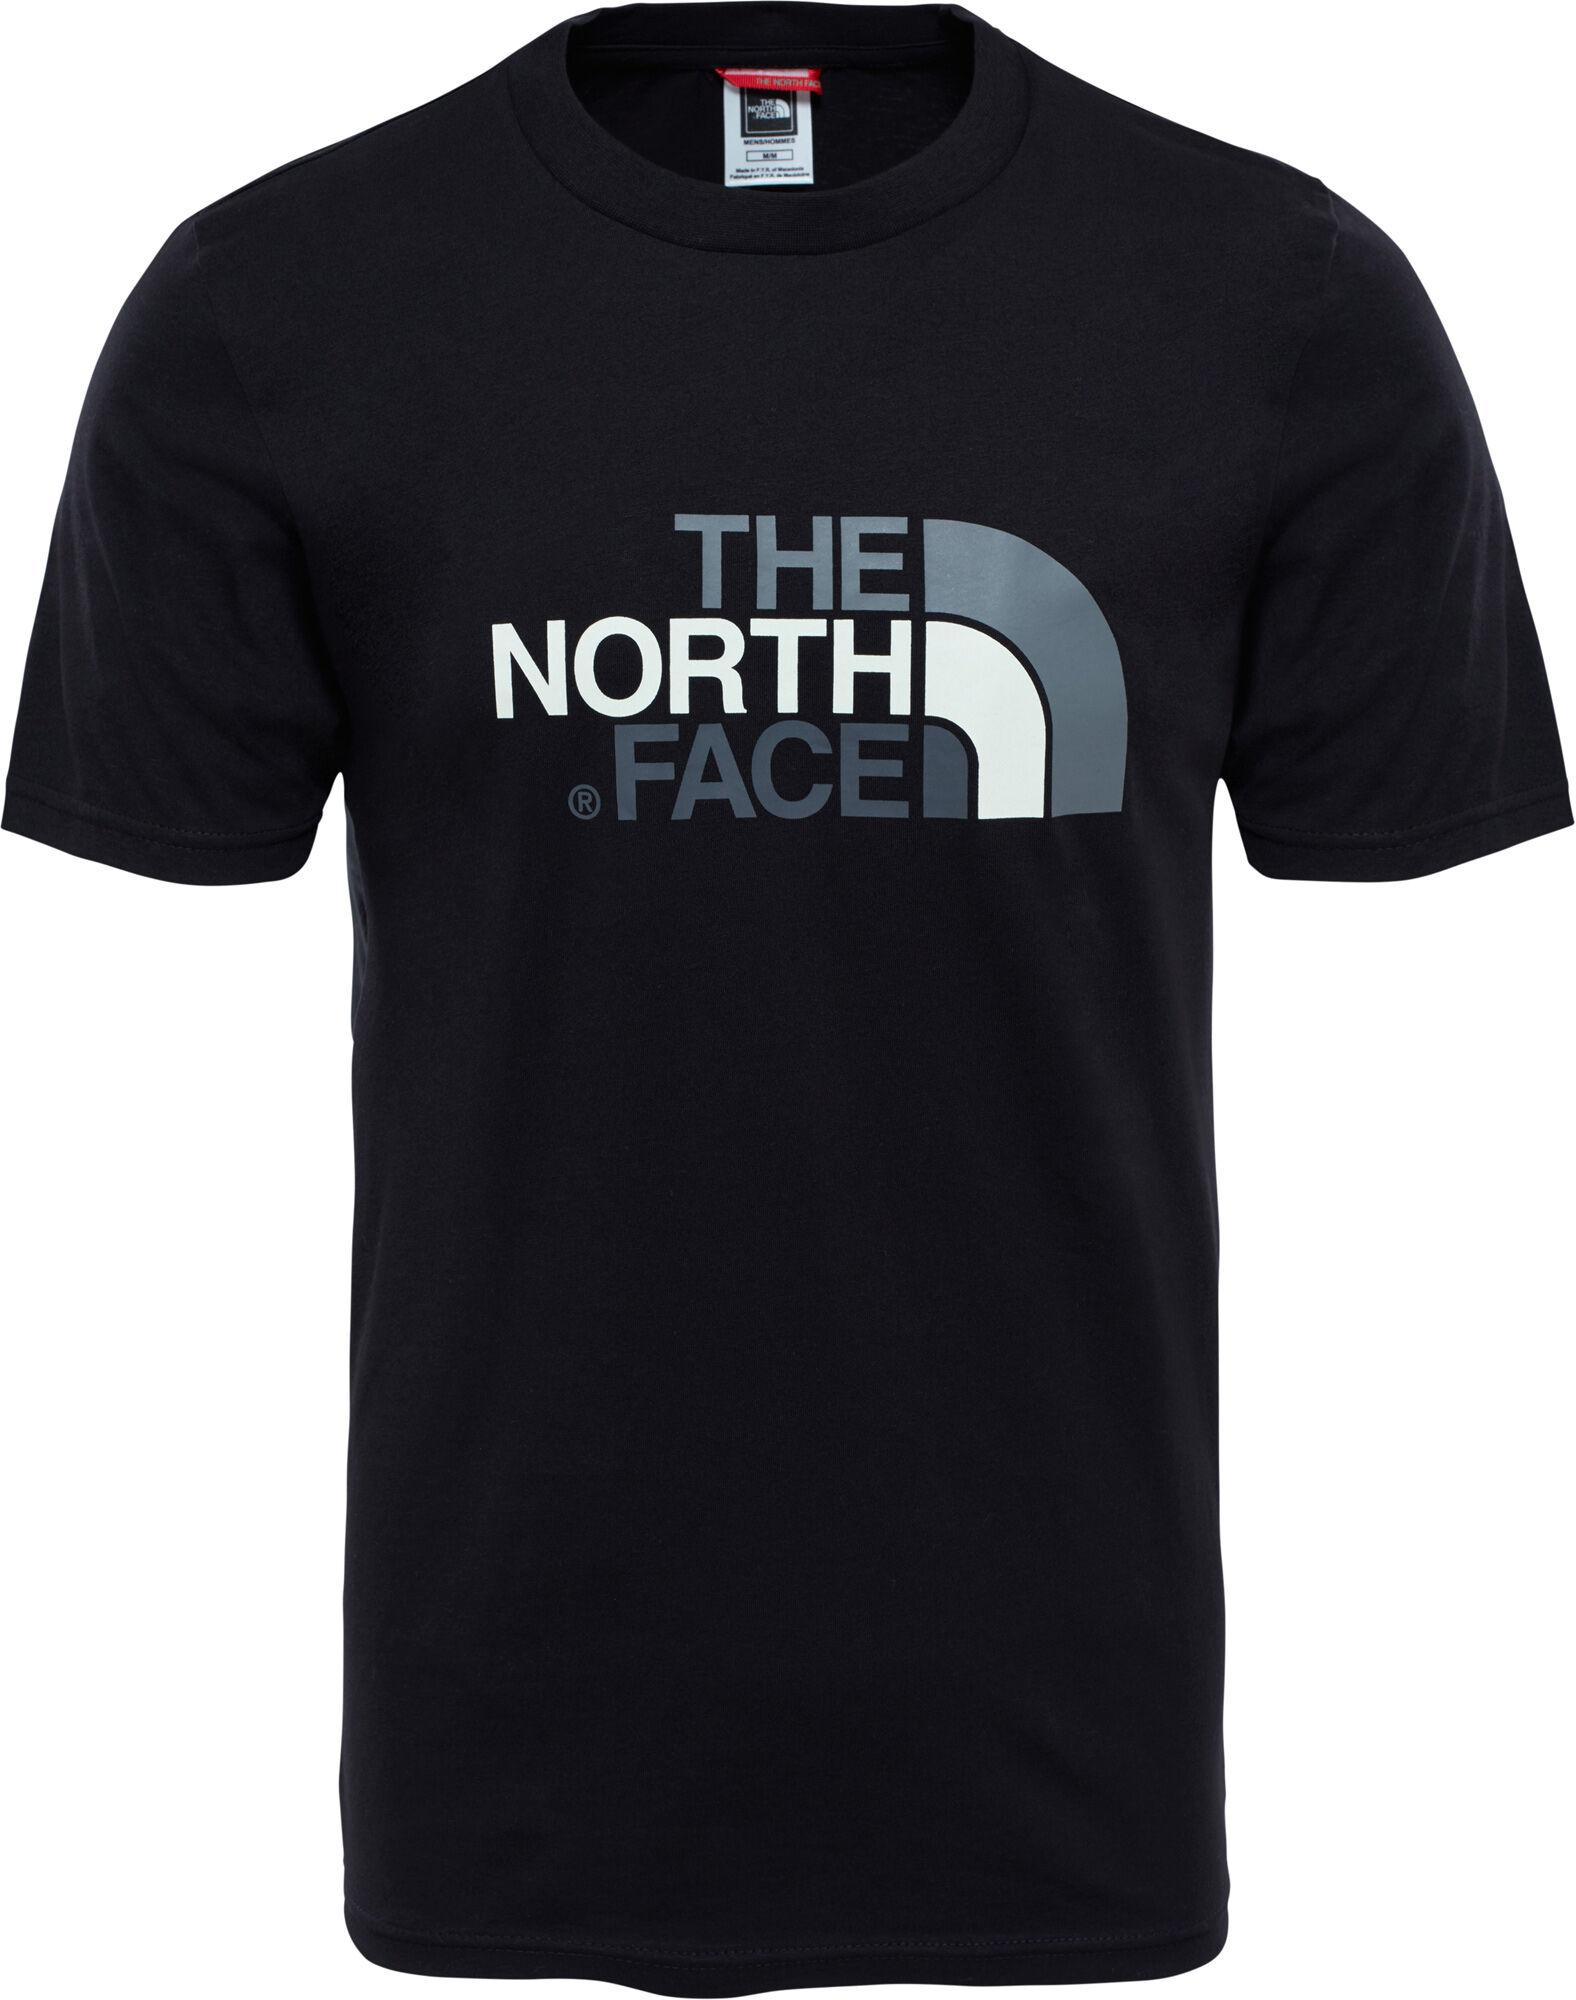 The North Face | Køb The North Face jakker og sko